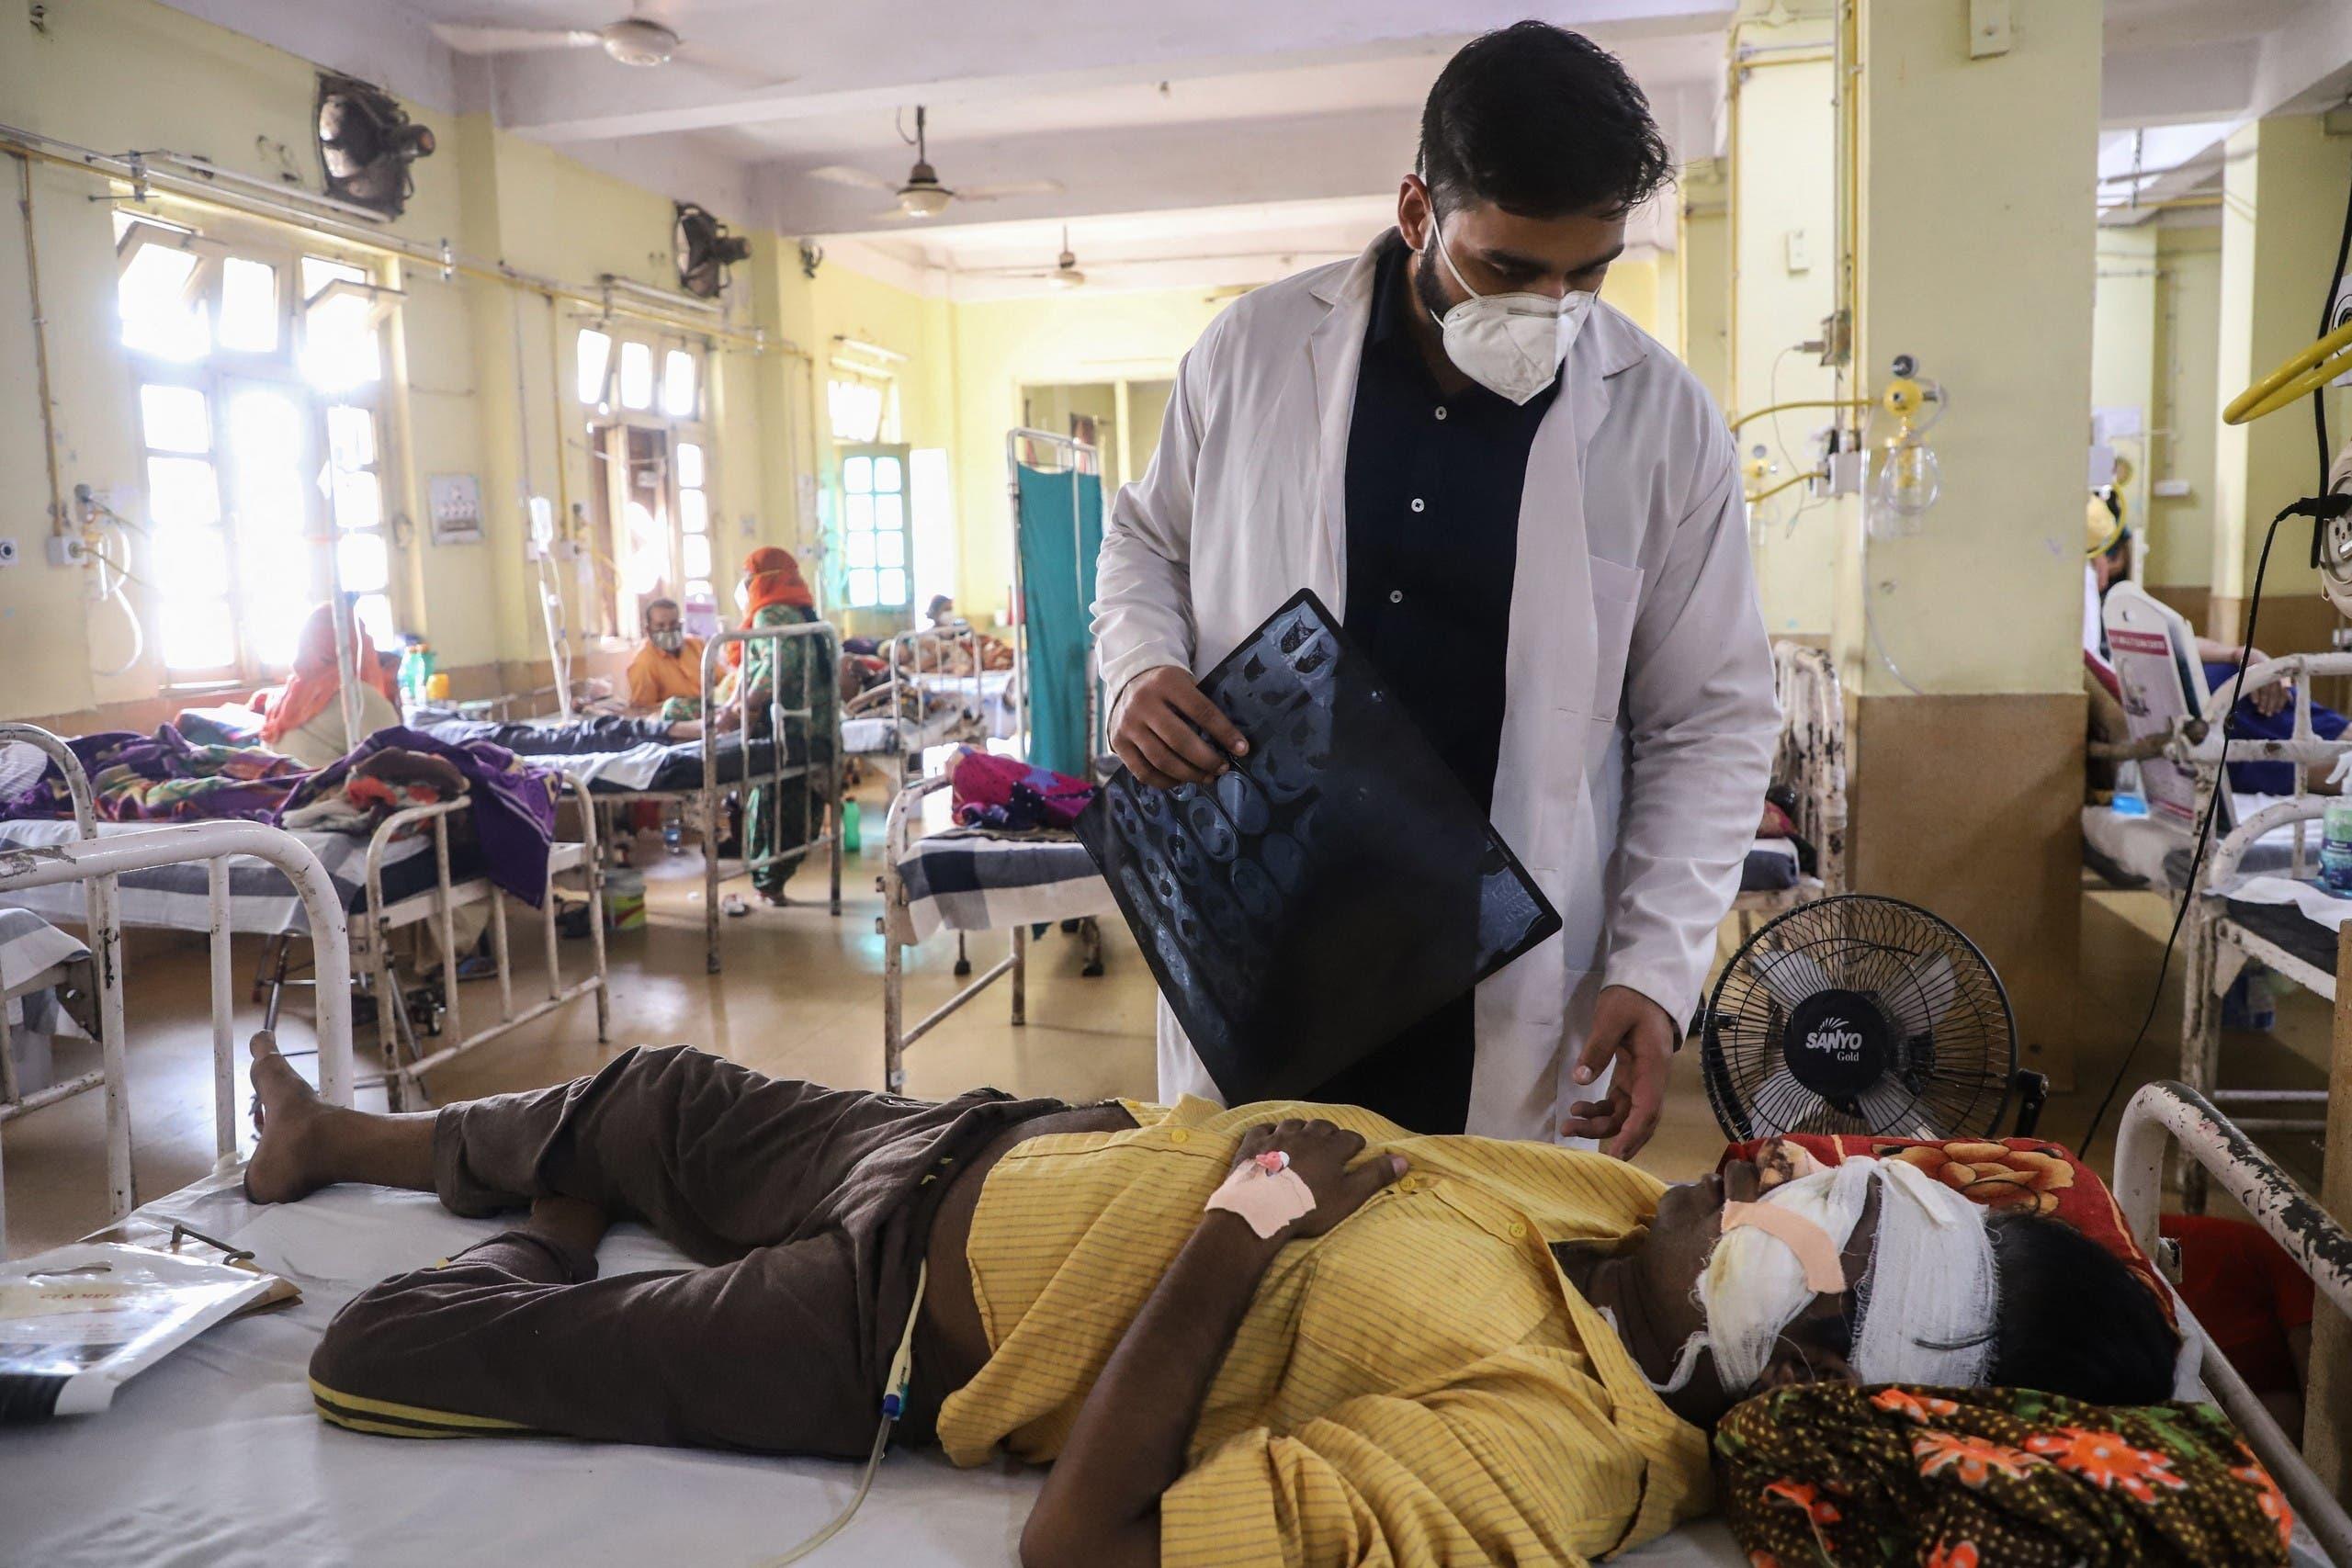 طبيب في جبلبور يعاين مصاباً بالفطر الأسود